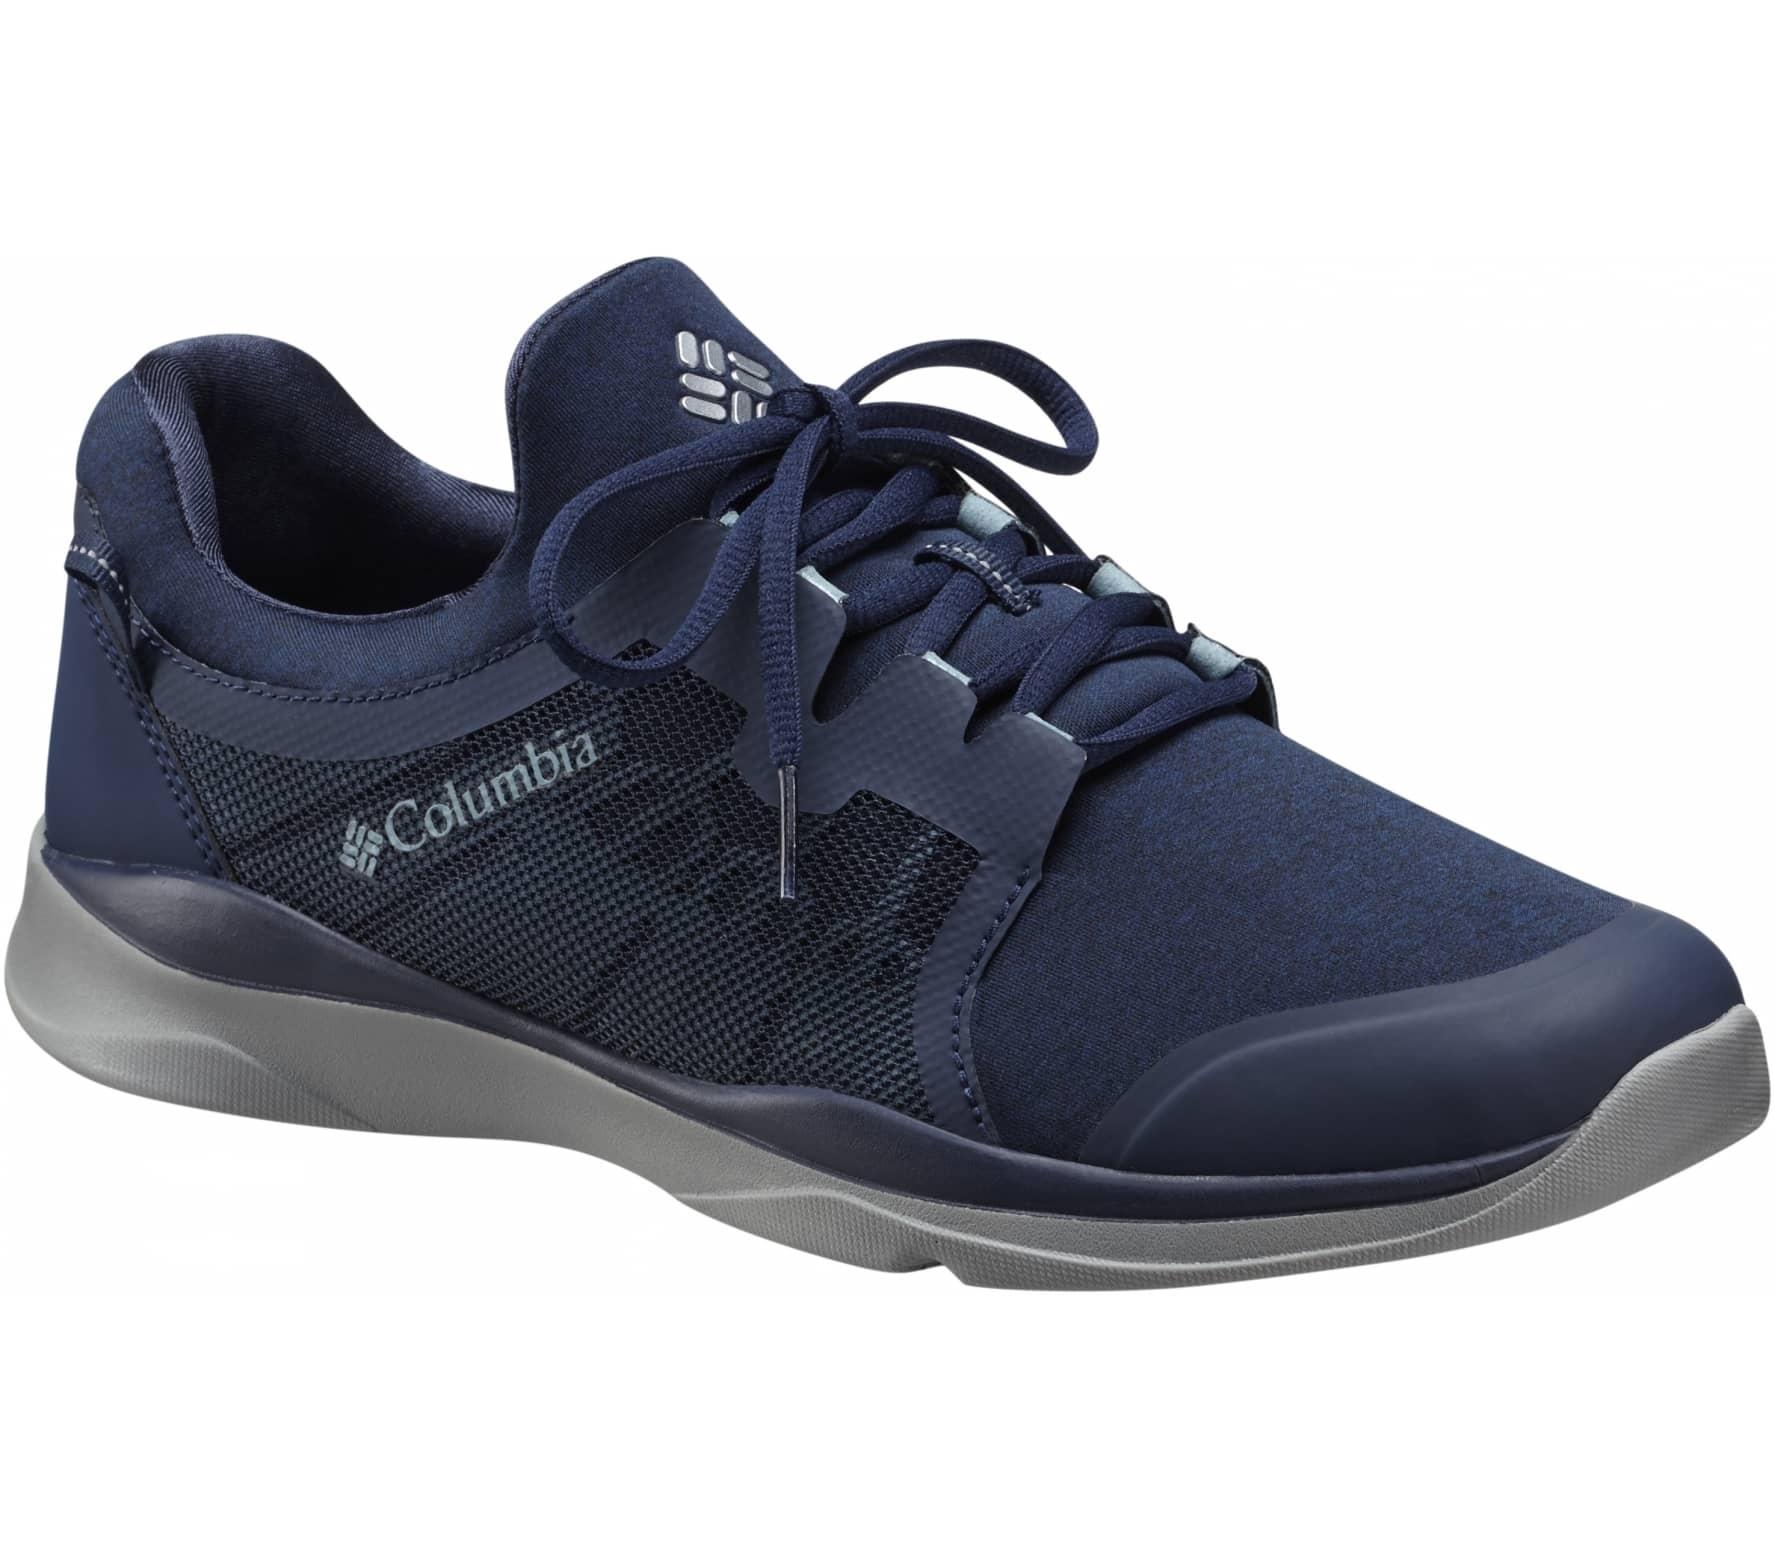 Zapatos azul marino Columbia  Color Marrón  43 EU  Negro (Schwarz 10) qe4pnI